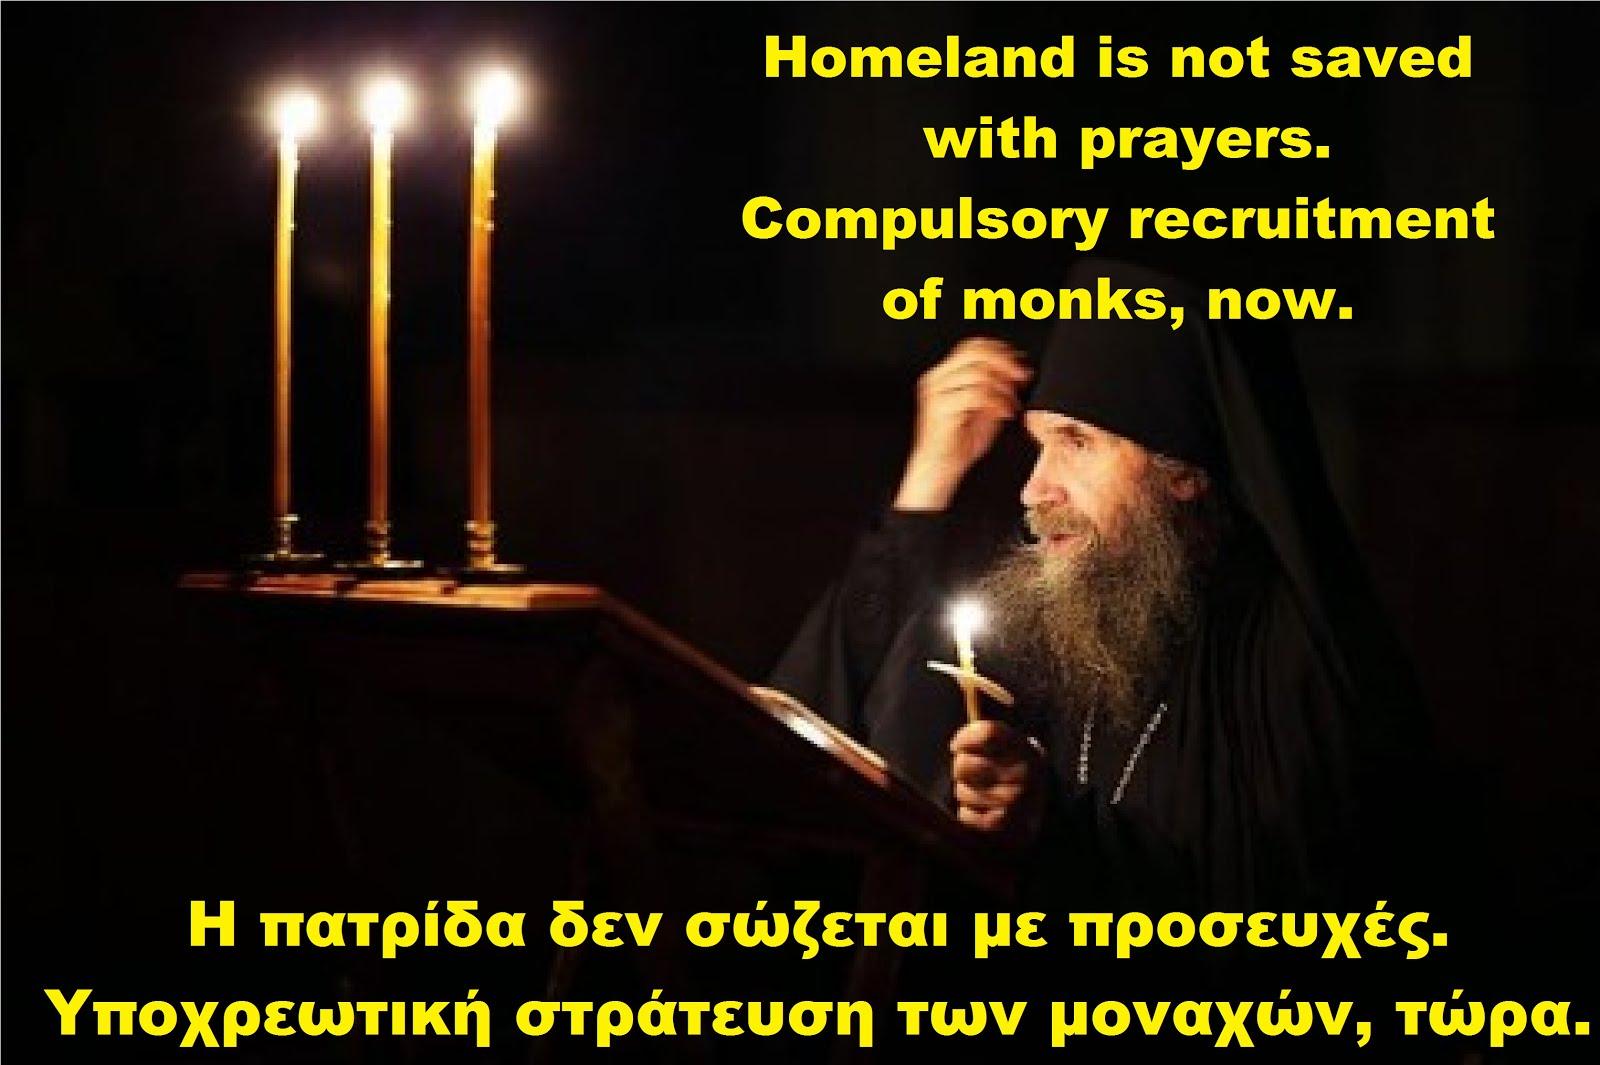 Η πατρίδα δεν σώζεται με προσευχές. Υποχρεωτική στράτευση των μοναχών, τώρα.